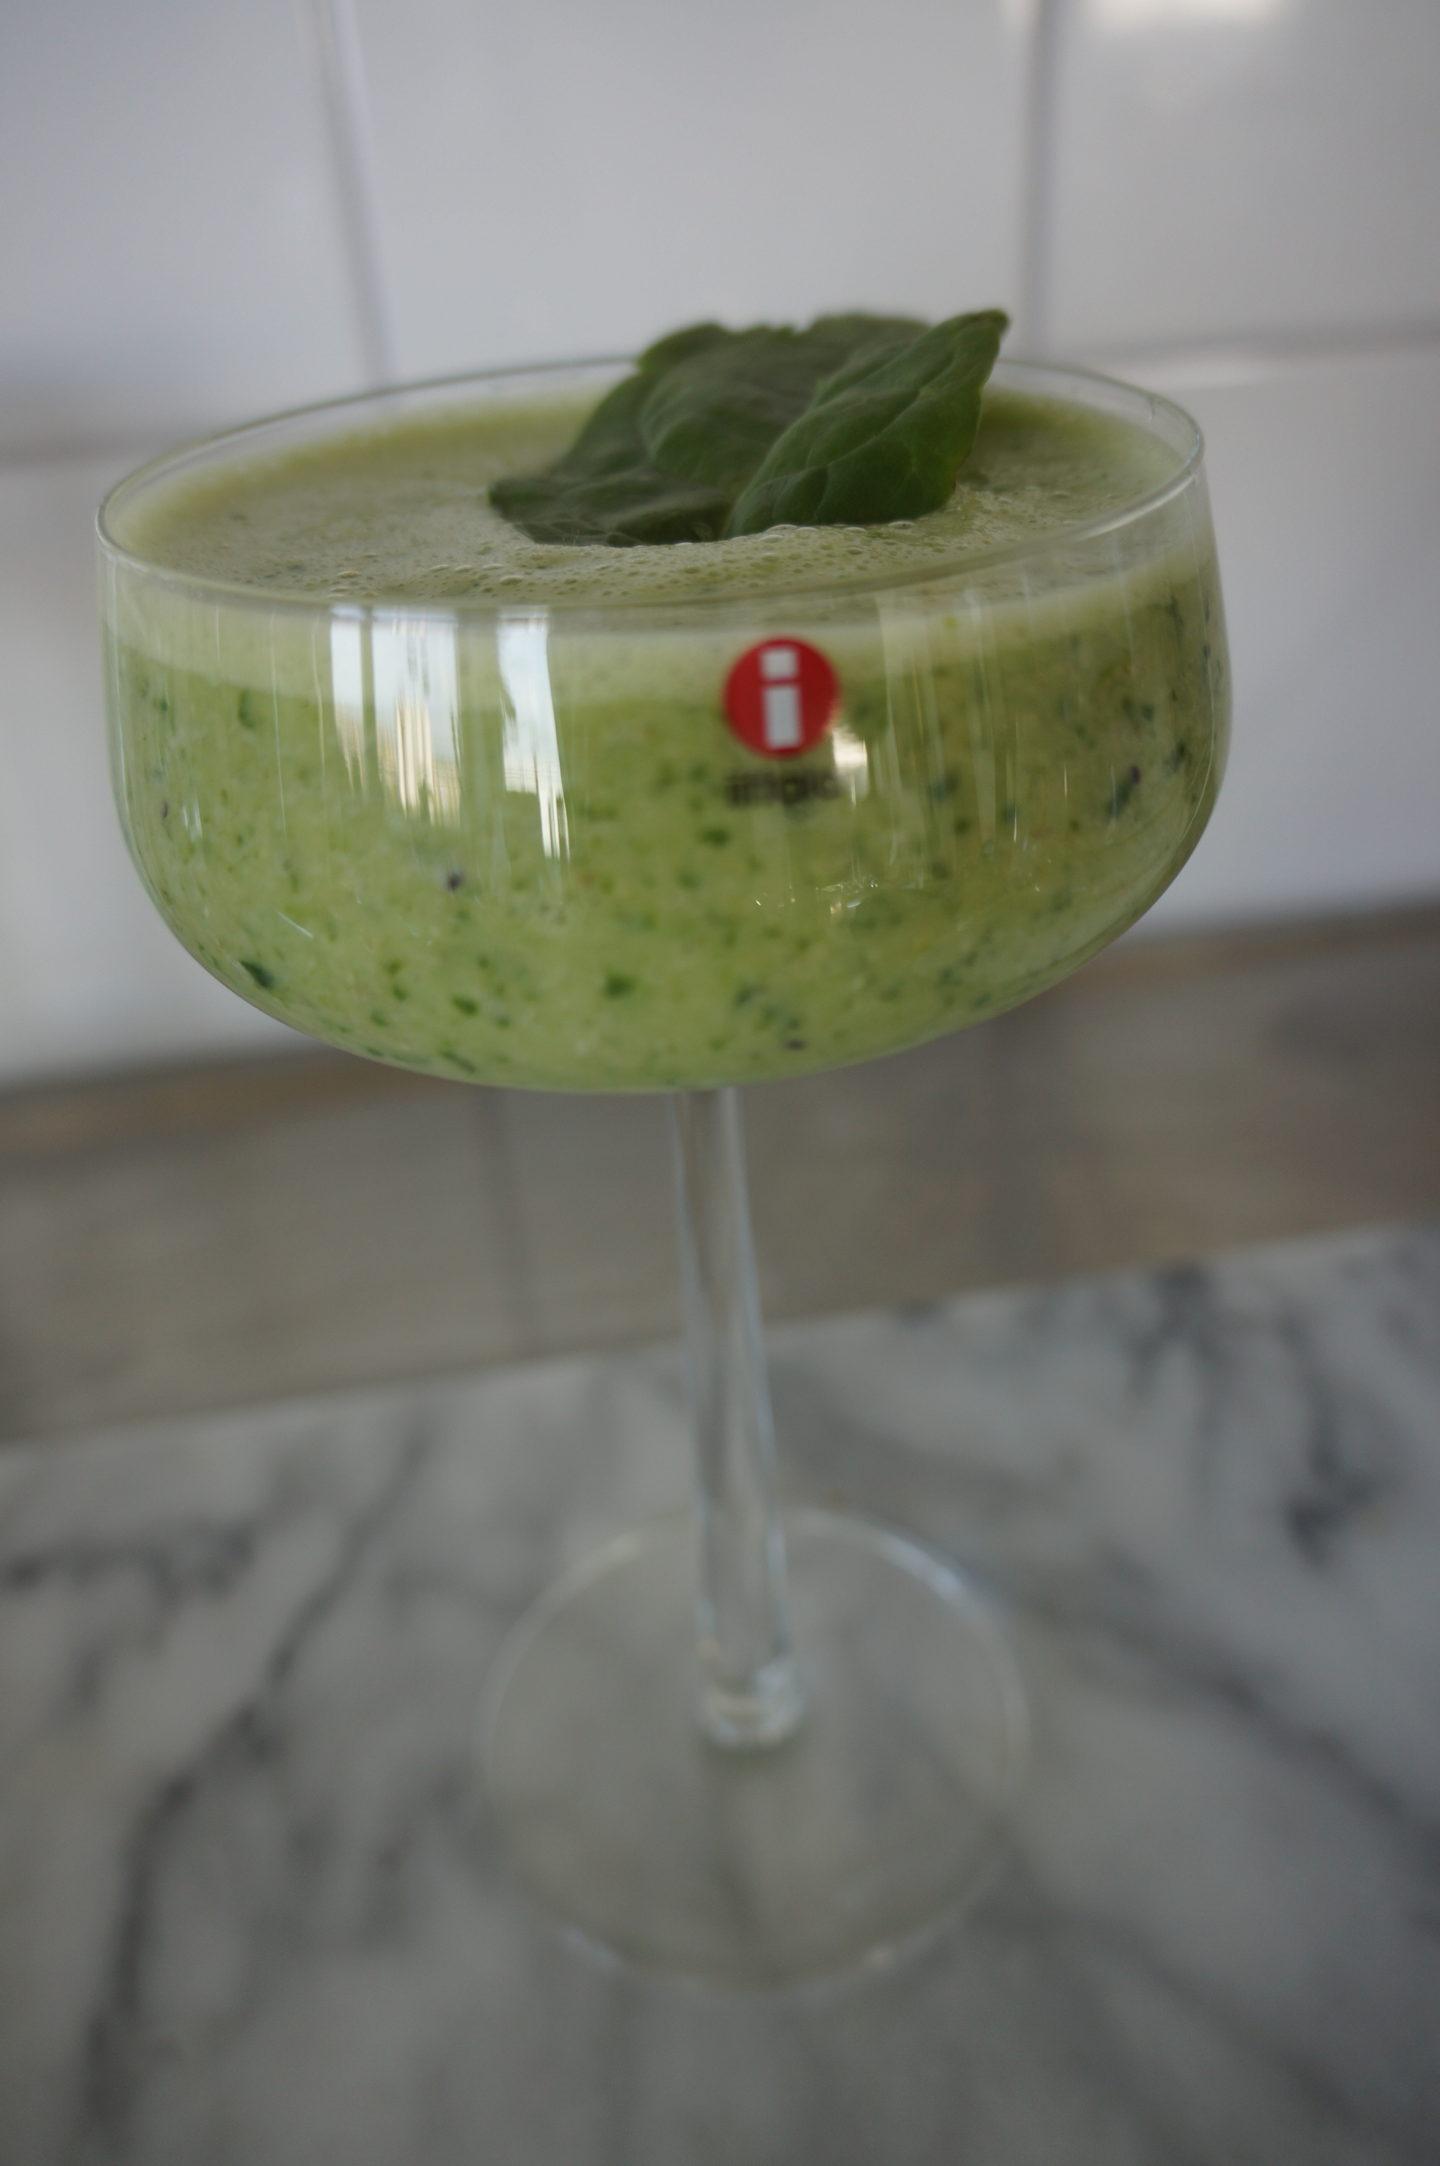 boosta energin med en grön hälso smoothie